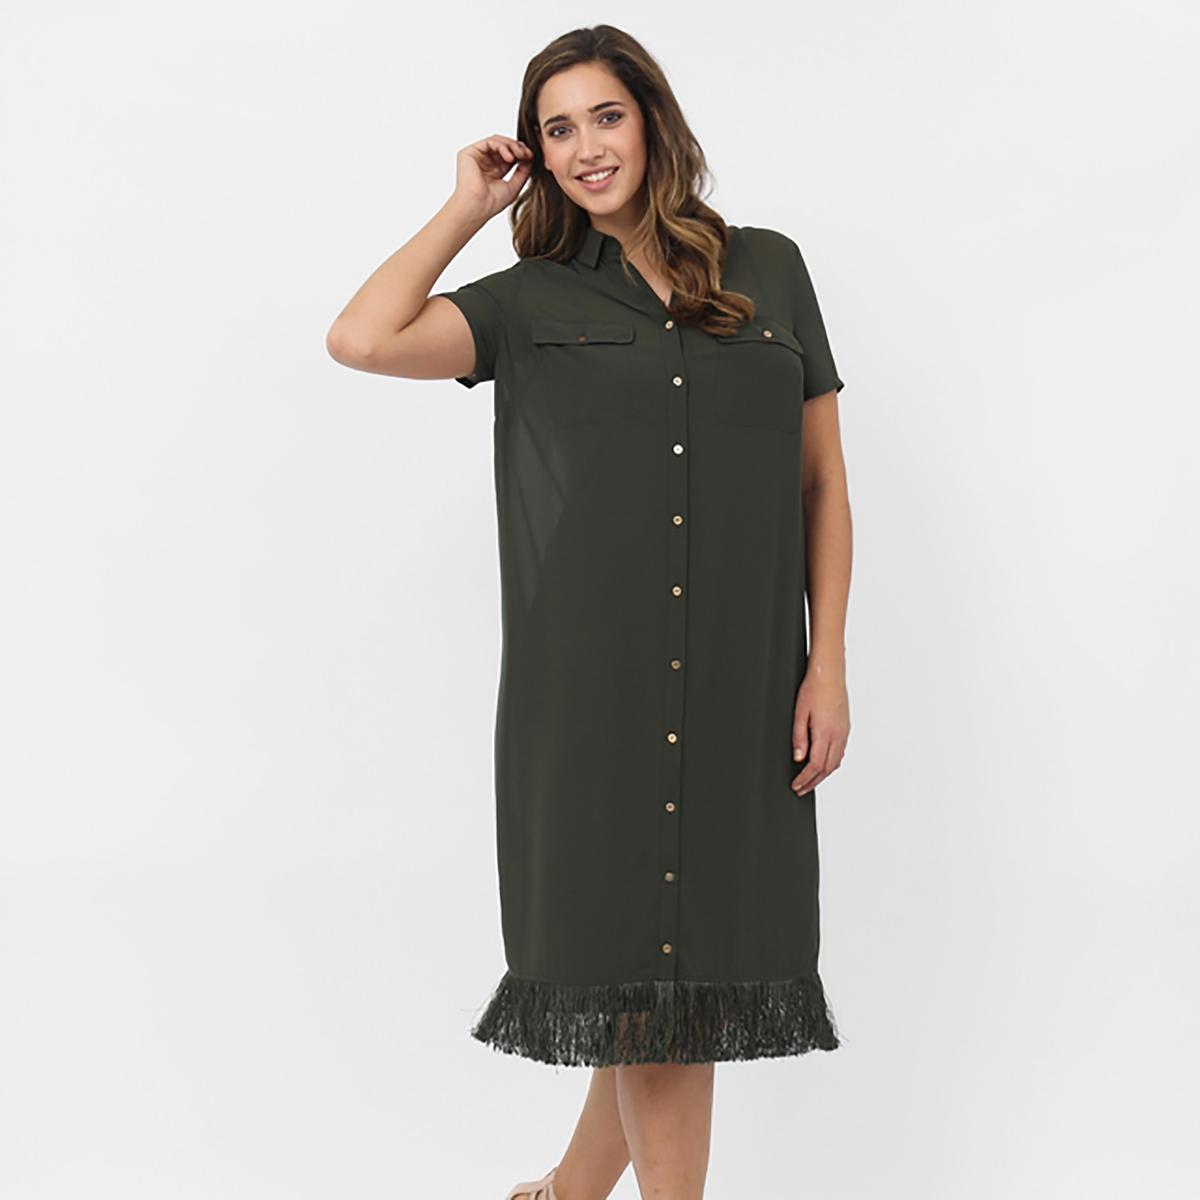 Платье с короткими рукавамиПлатье с короткими рукавами KOKO BY KOKO, Рубашечный воротник. Застёжка на пуговицы по всей длине. 2 кармана. Низ с бахромой. Длина около 102 см. 100% полиэстера<br><br>Цвет: хаки<br>Размер: 48 (FR) - 54 (RUS)